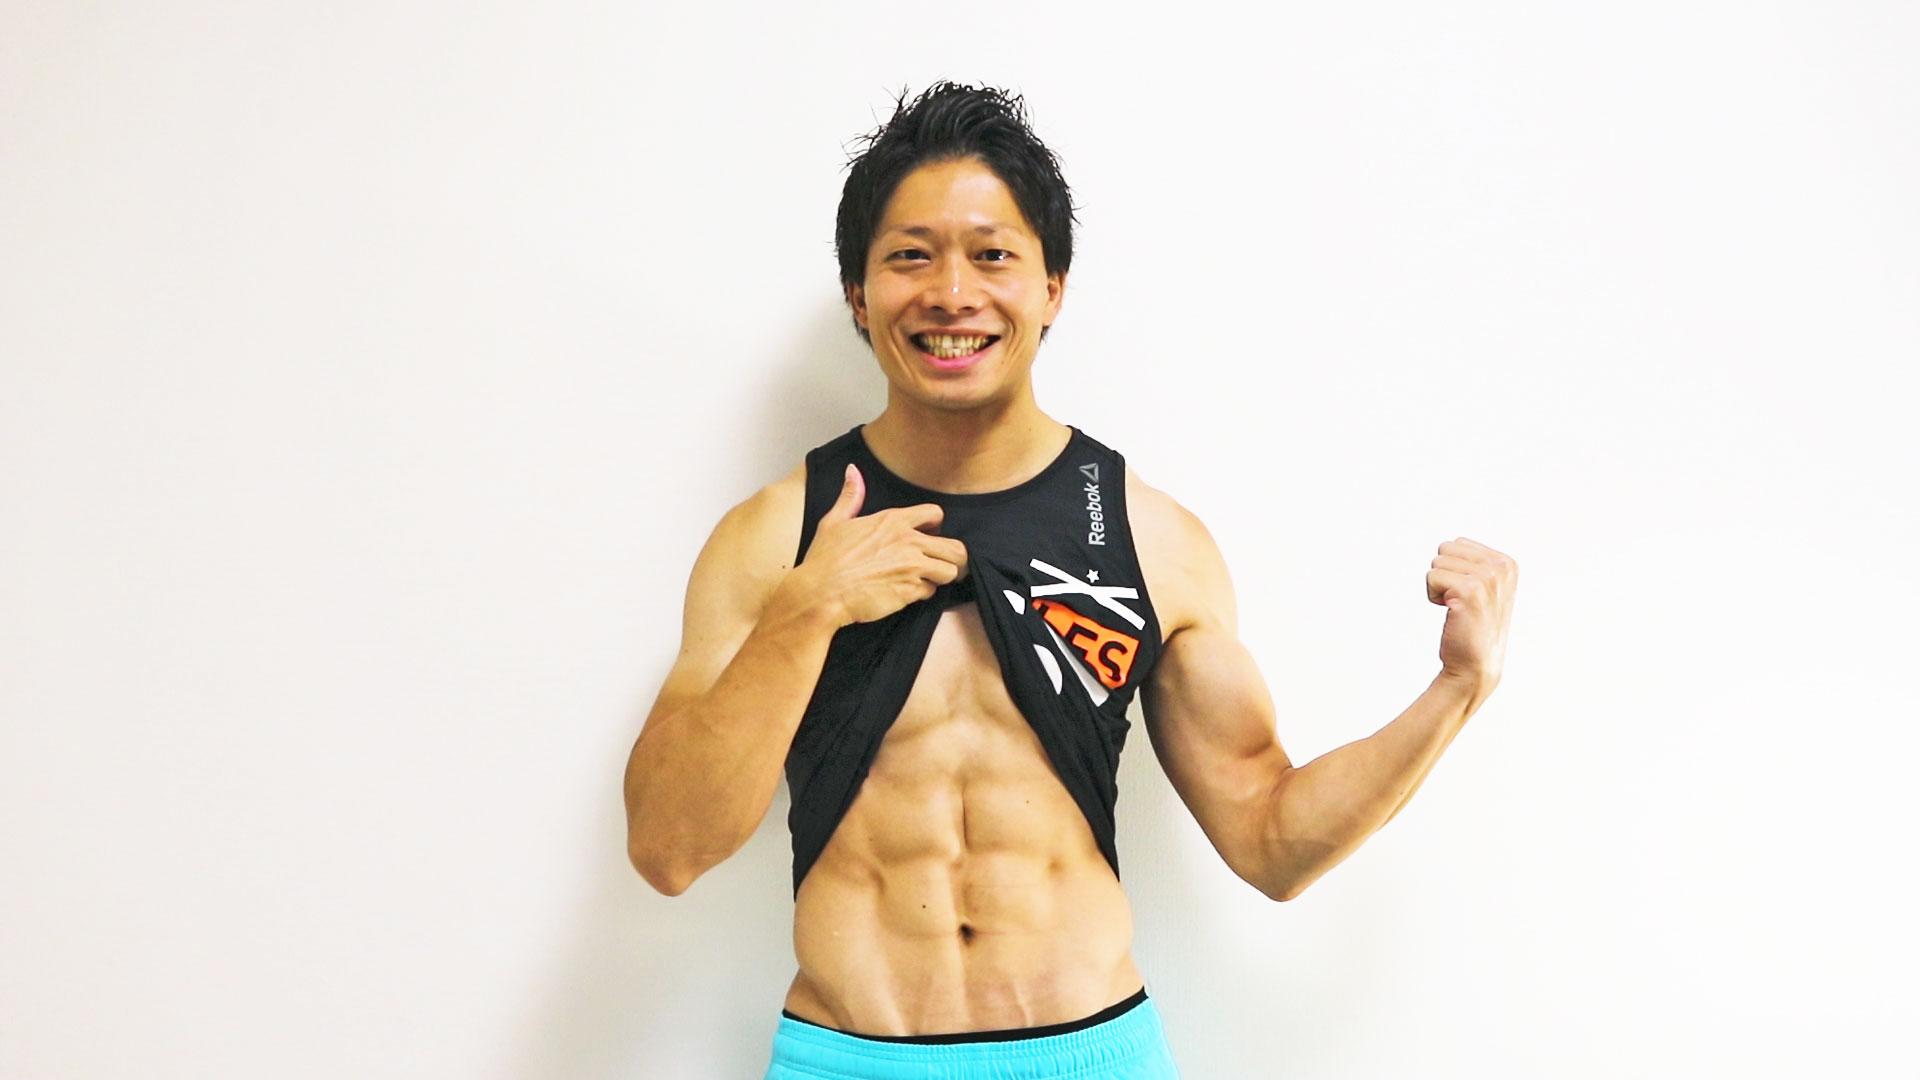 【2017年10月更新】シックスパックの作り方(食事・運動・ライフスタイル)